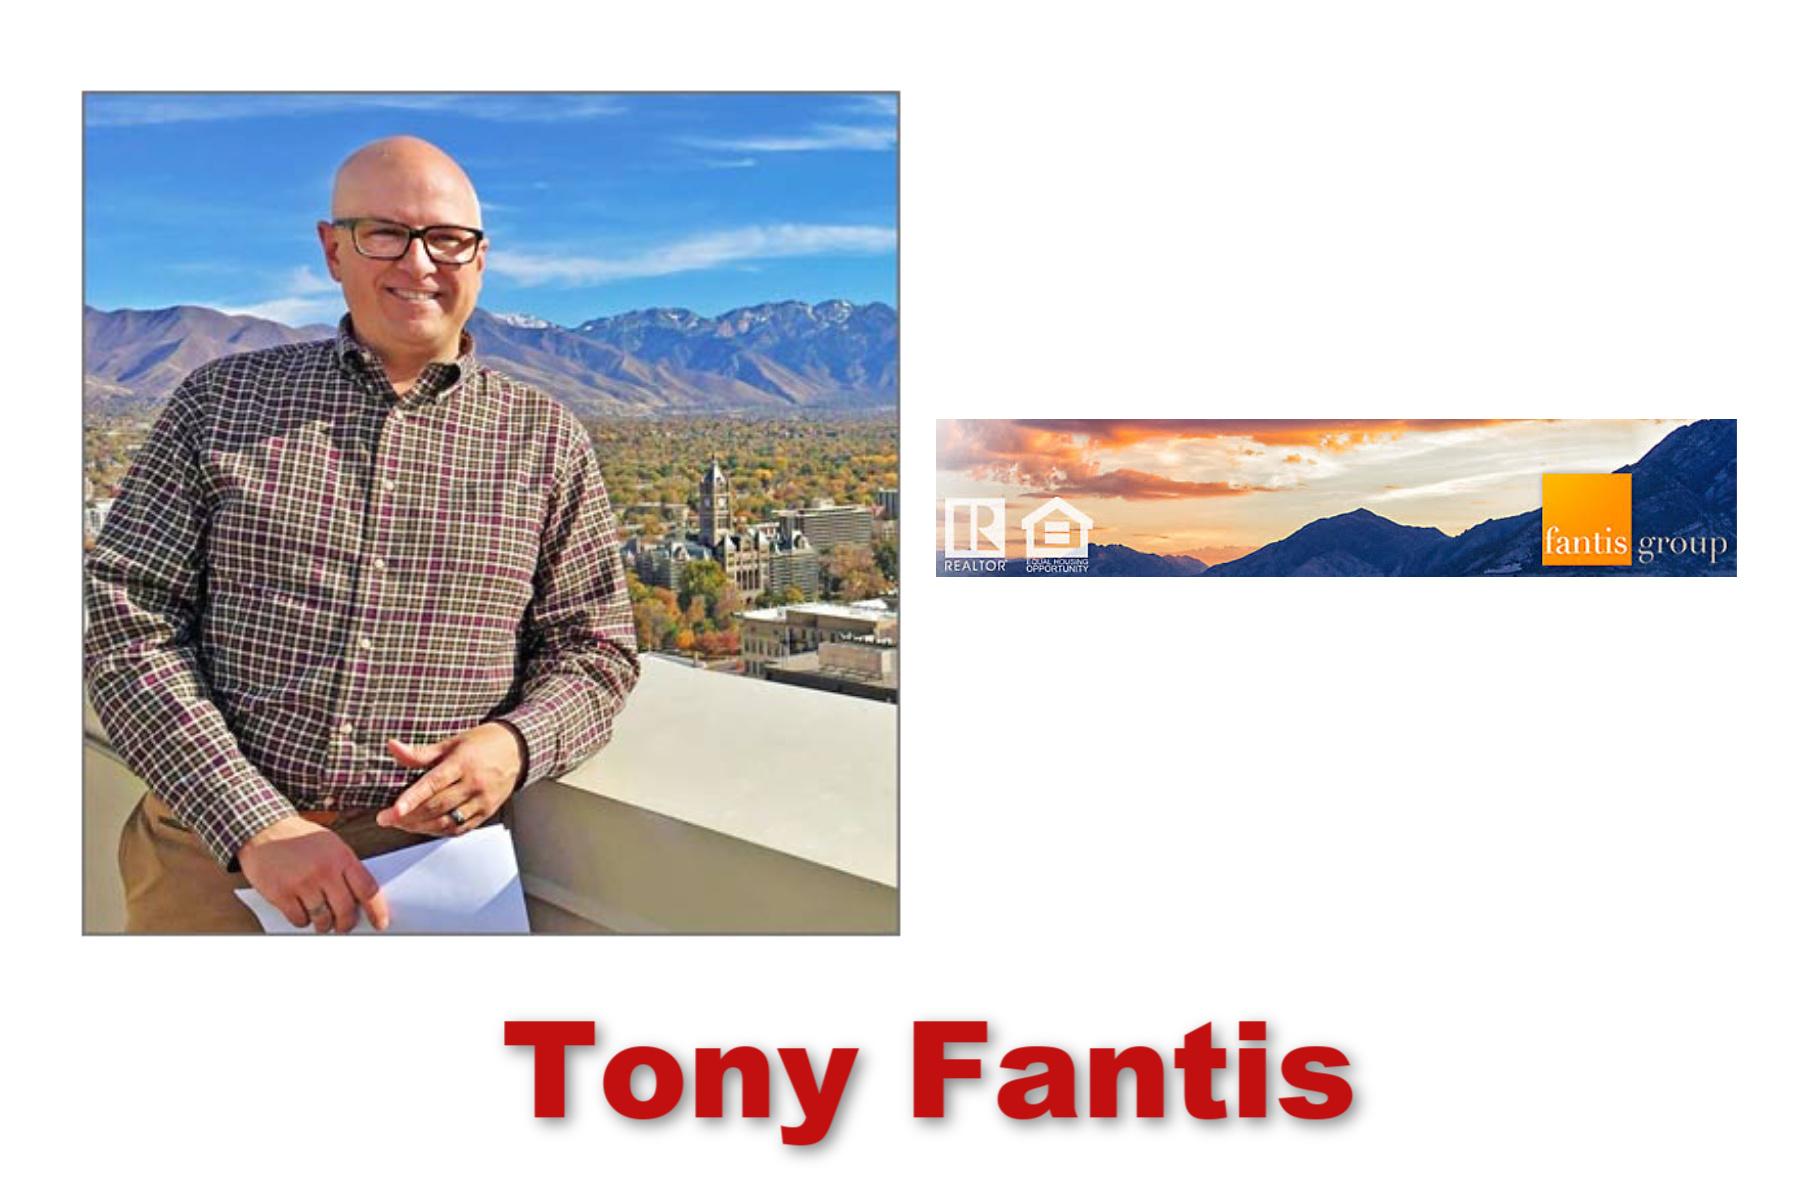 Tony Fantis